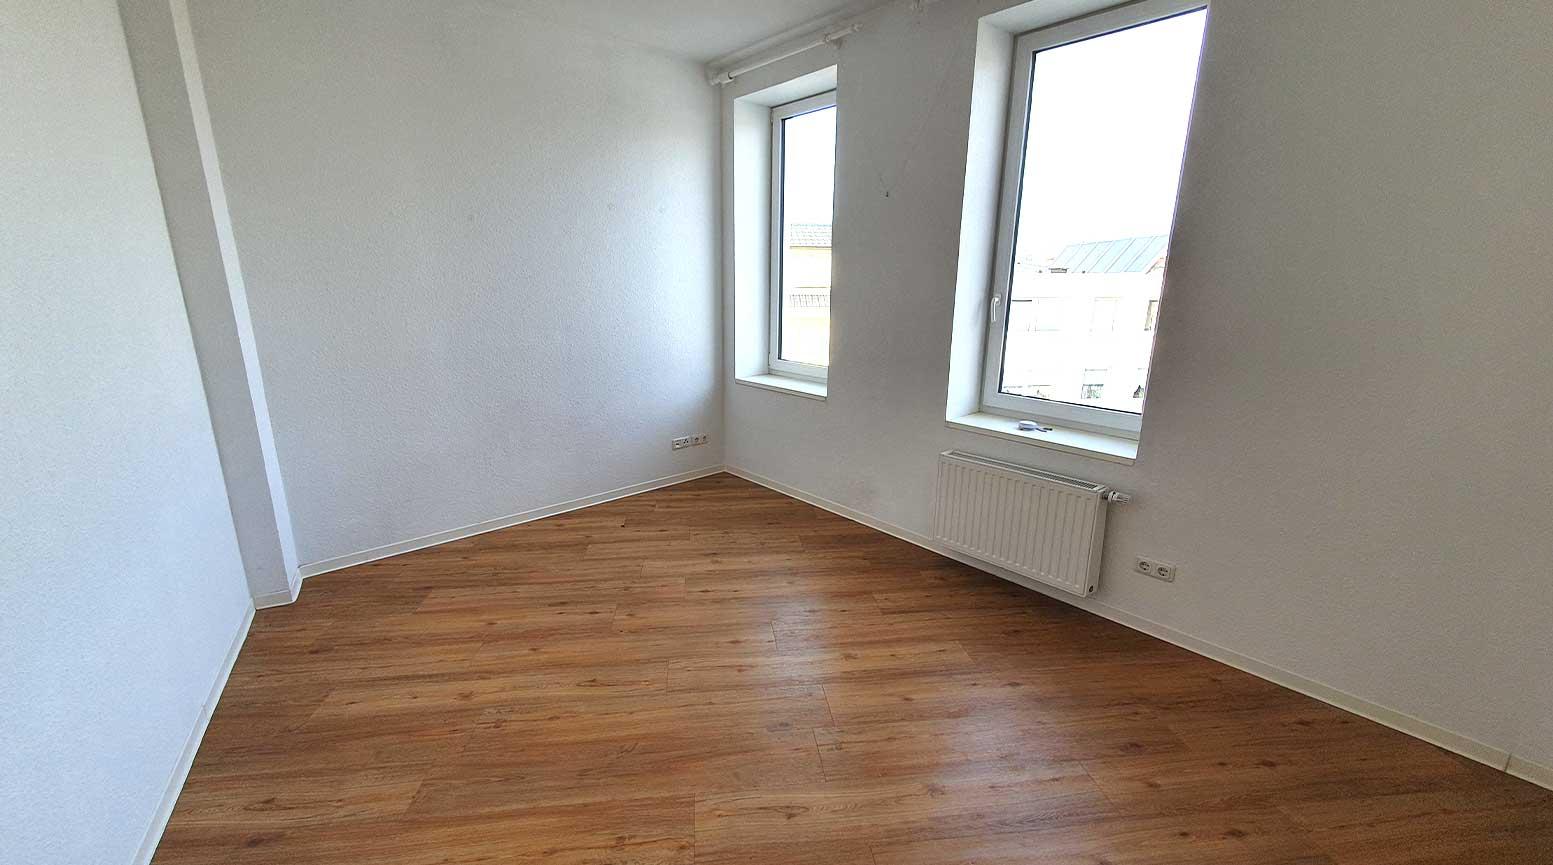 WG-Zimmer 5 Wohnung 9 Meyerstraße 16